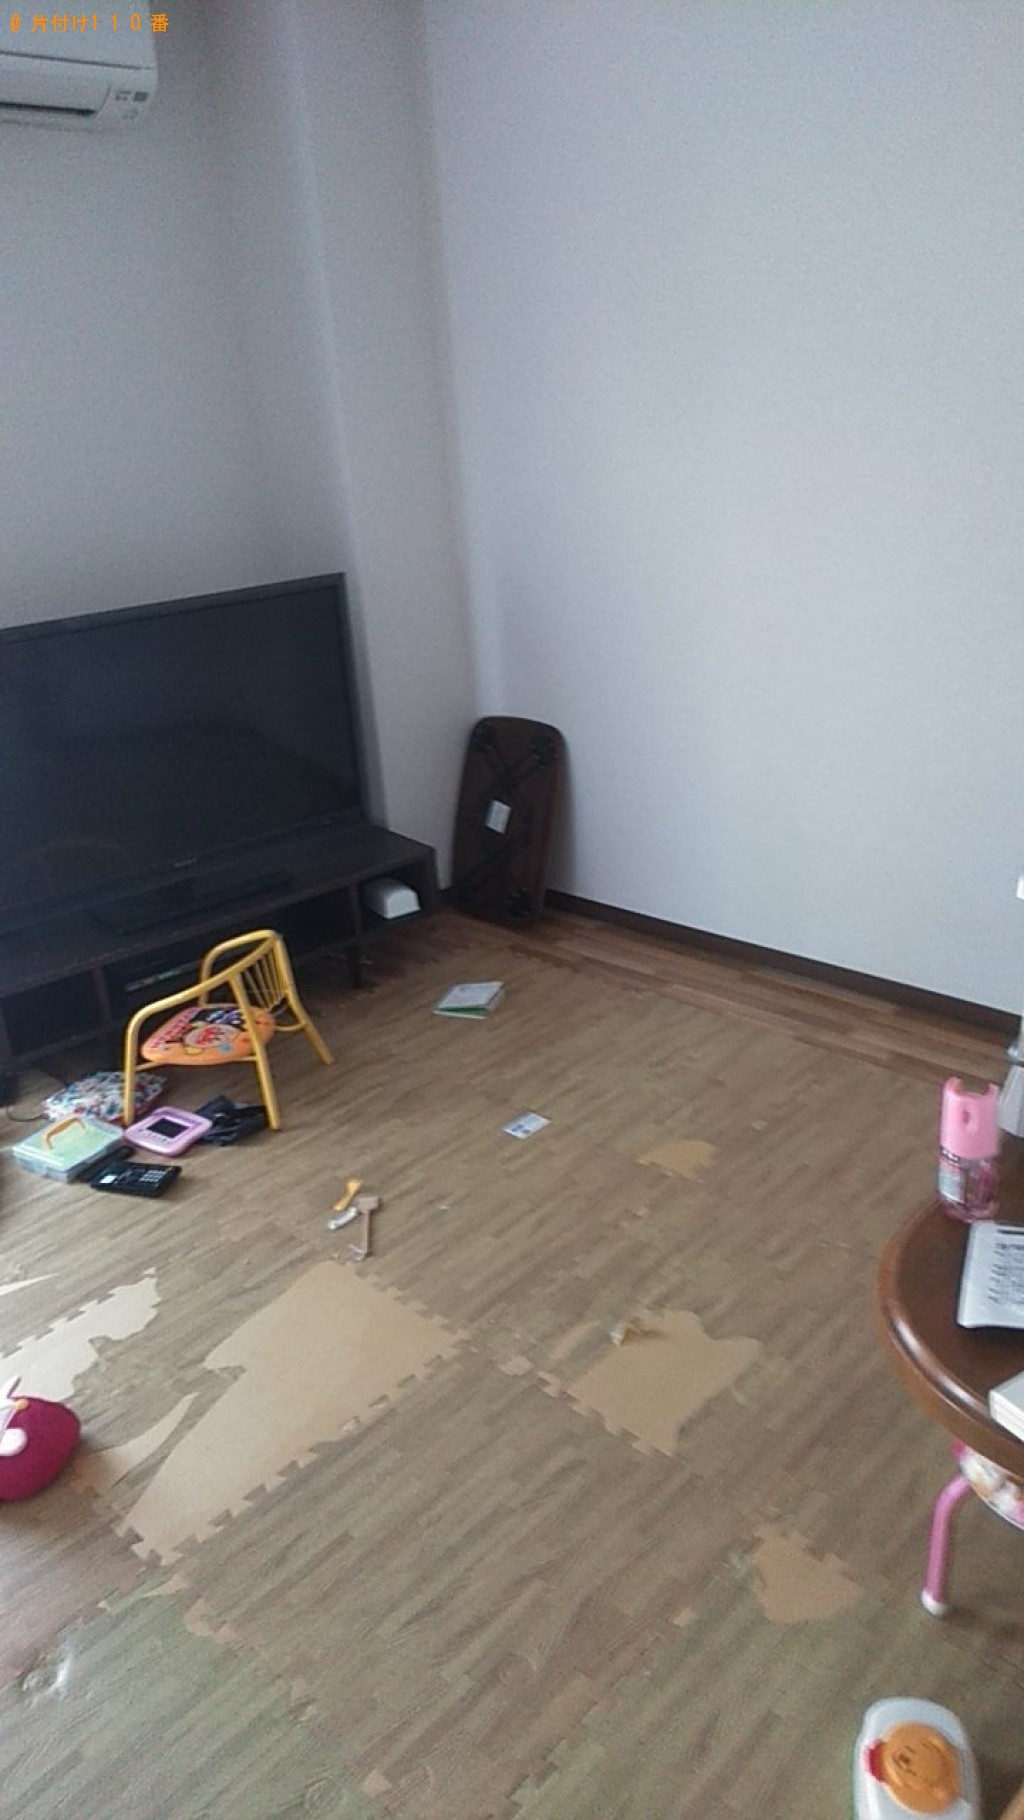 【松山市平井町】ソファー、ソファーベッド、テレビ等の回収・処分 お客様の声